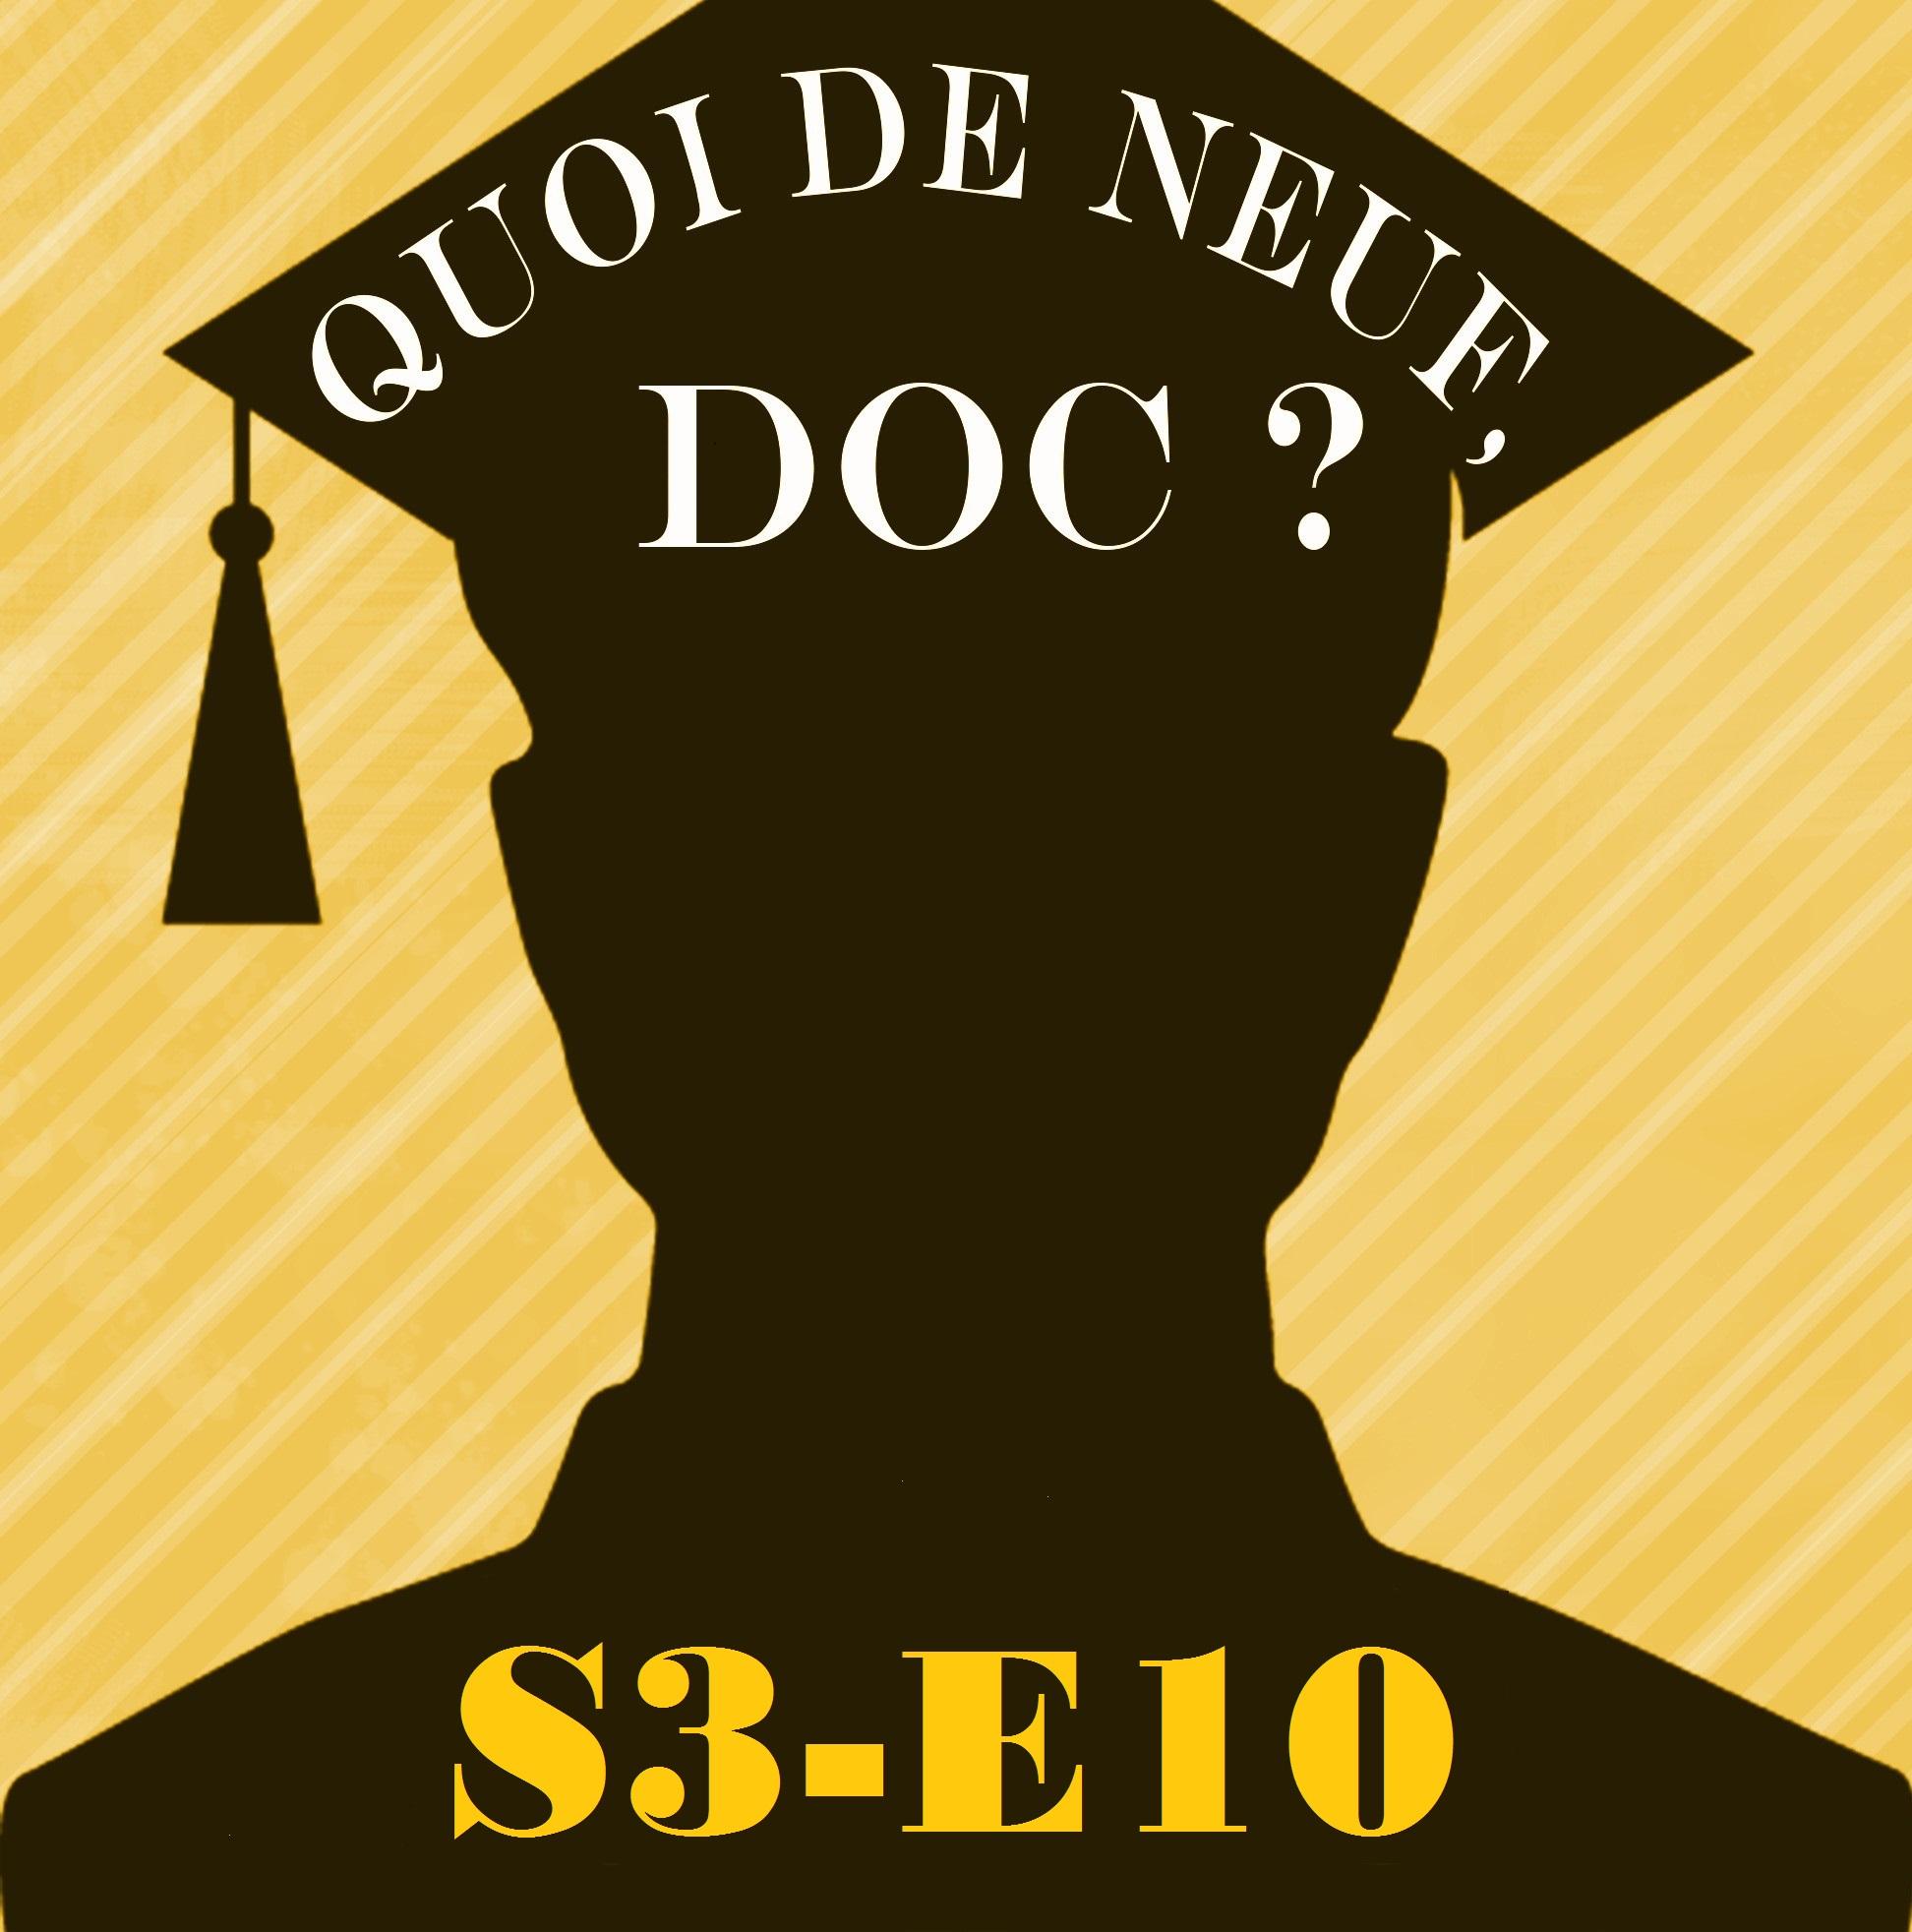 QDND_S3E10